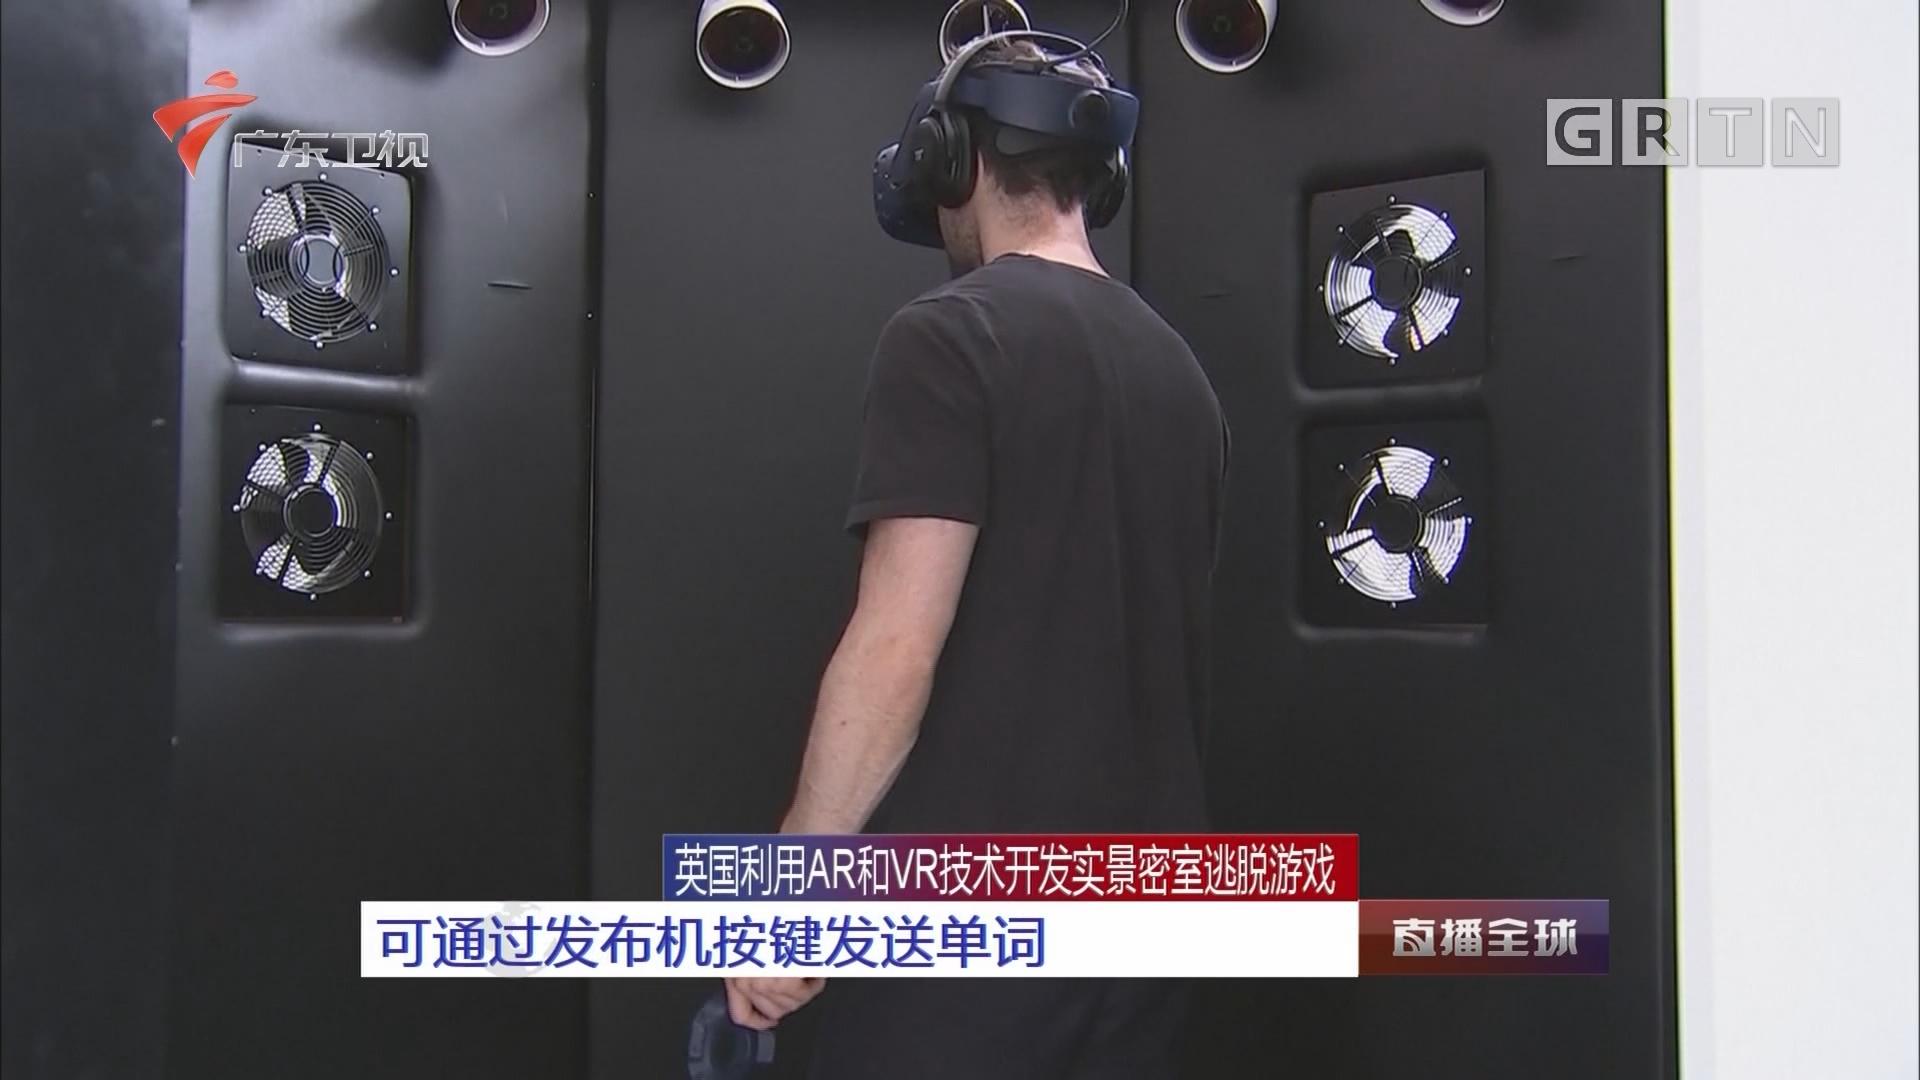 英国利用AR和VR技术开发实景密室逃脱游戏:可通过发布机按键发送单词